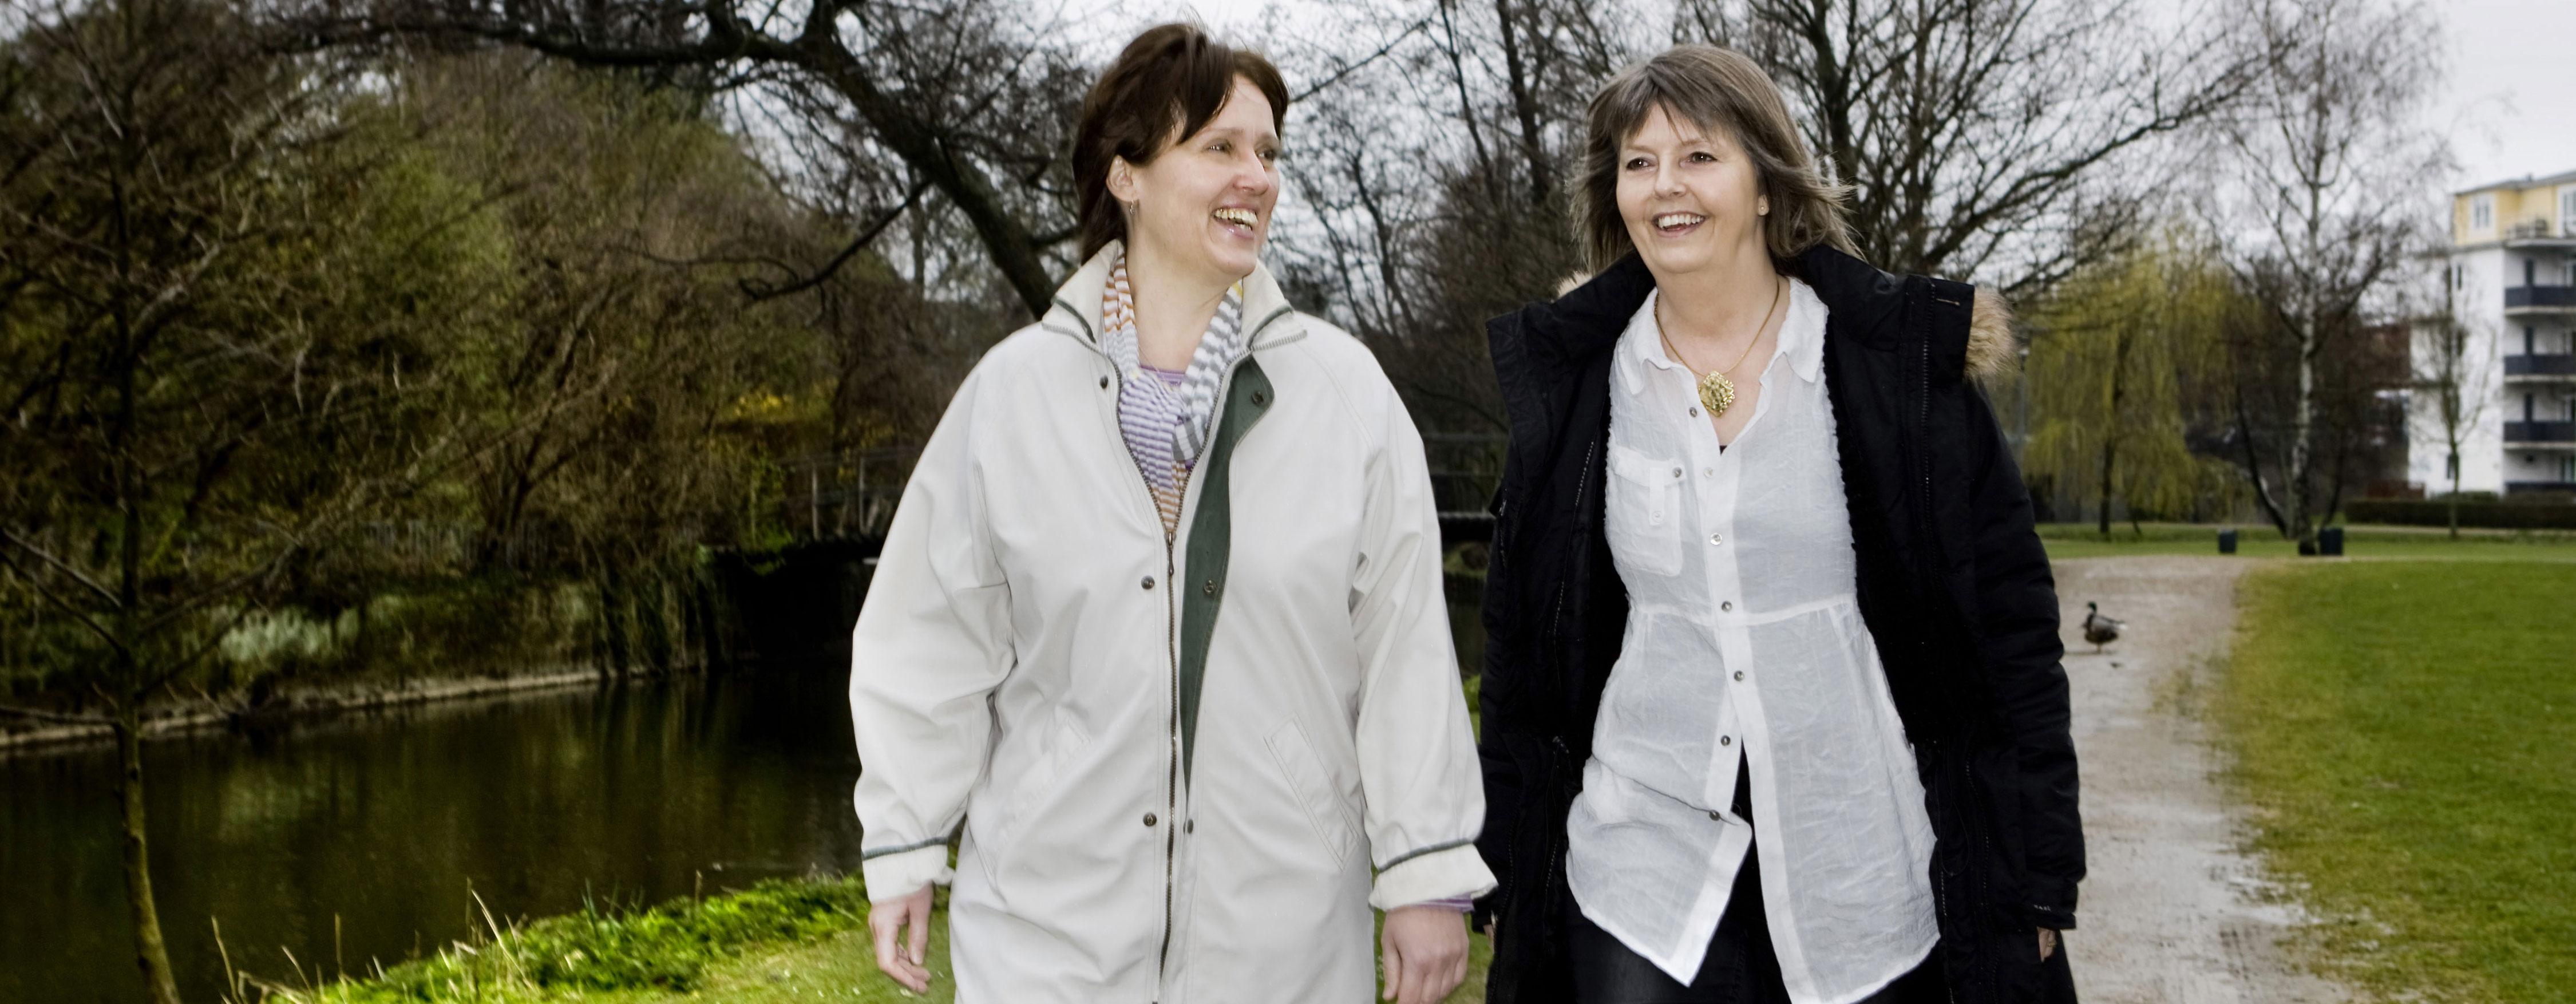 Kvindenetværket, to kvinder taler mens de går en tur. Walk-and-talk.